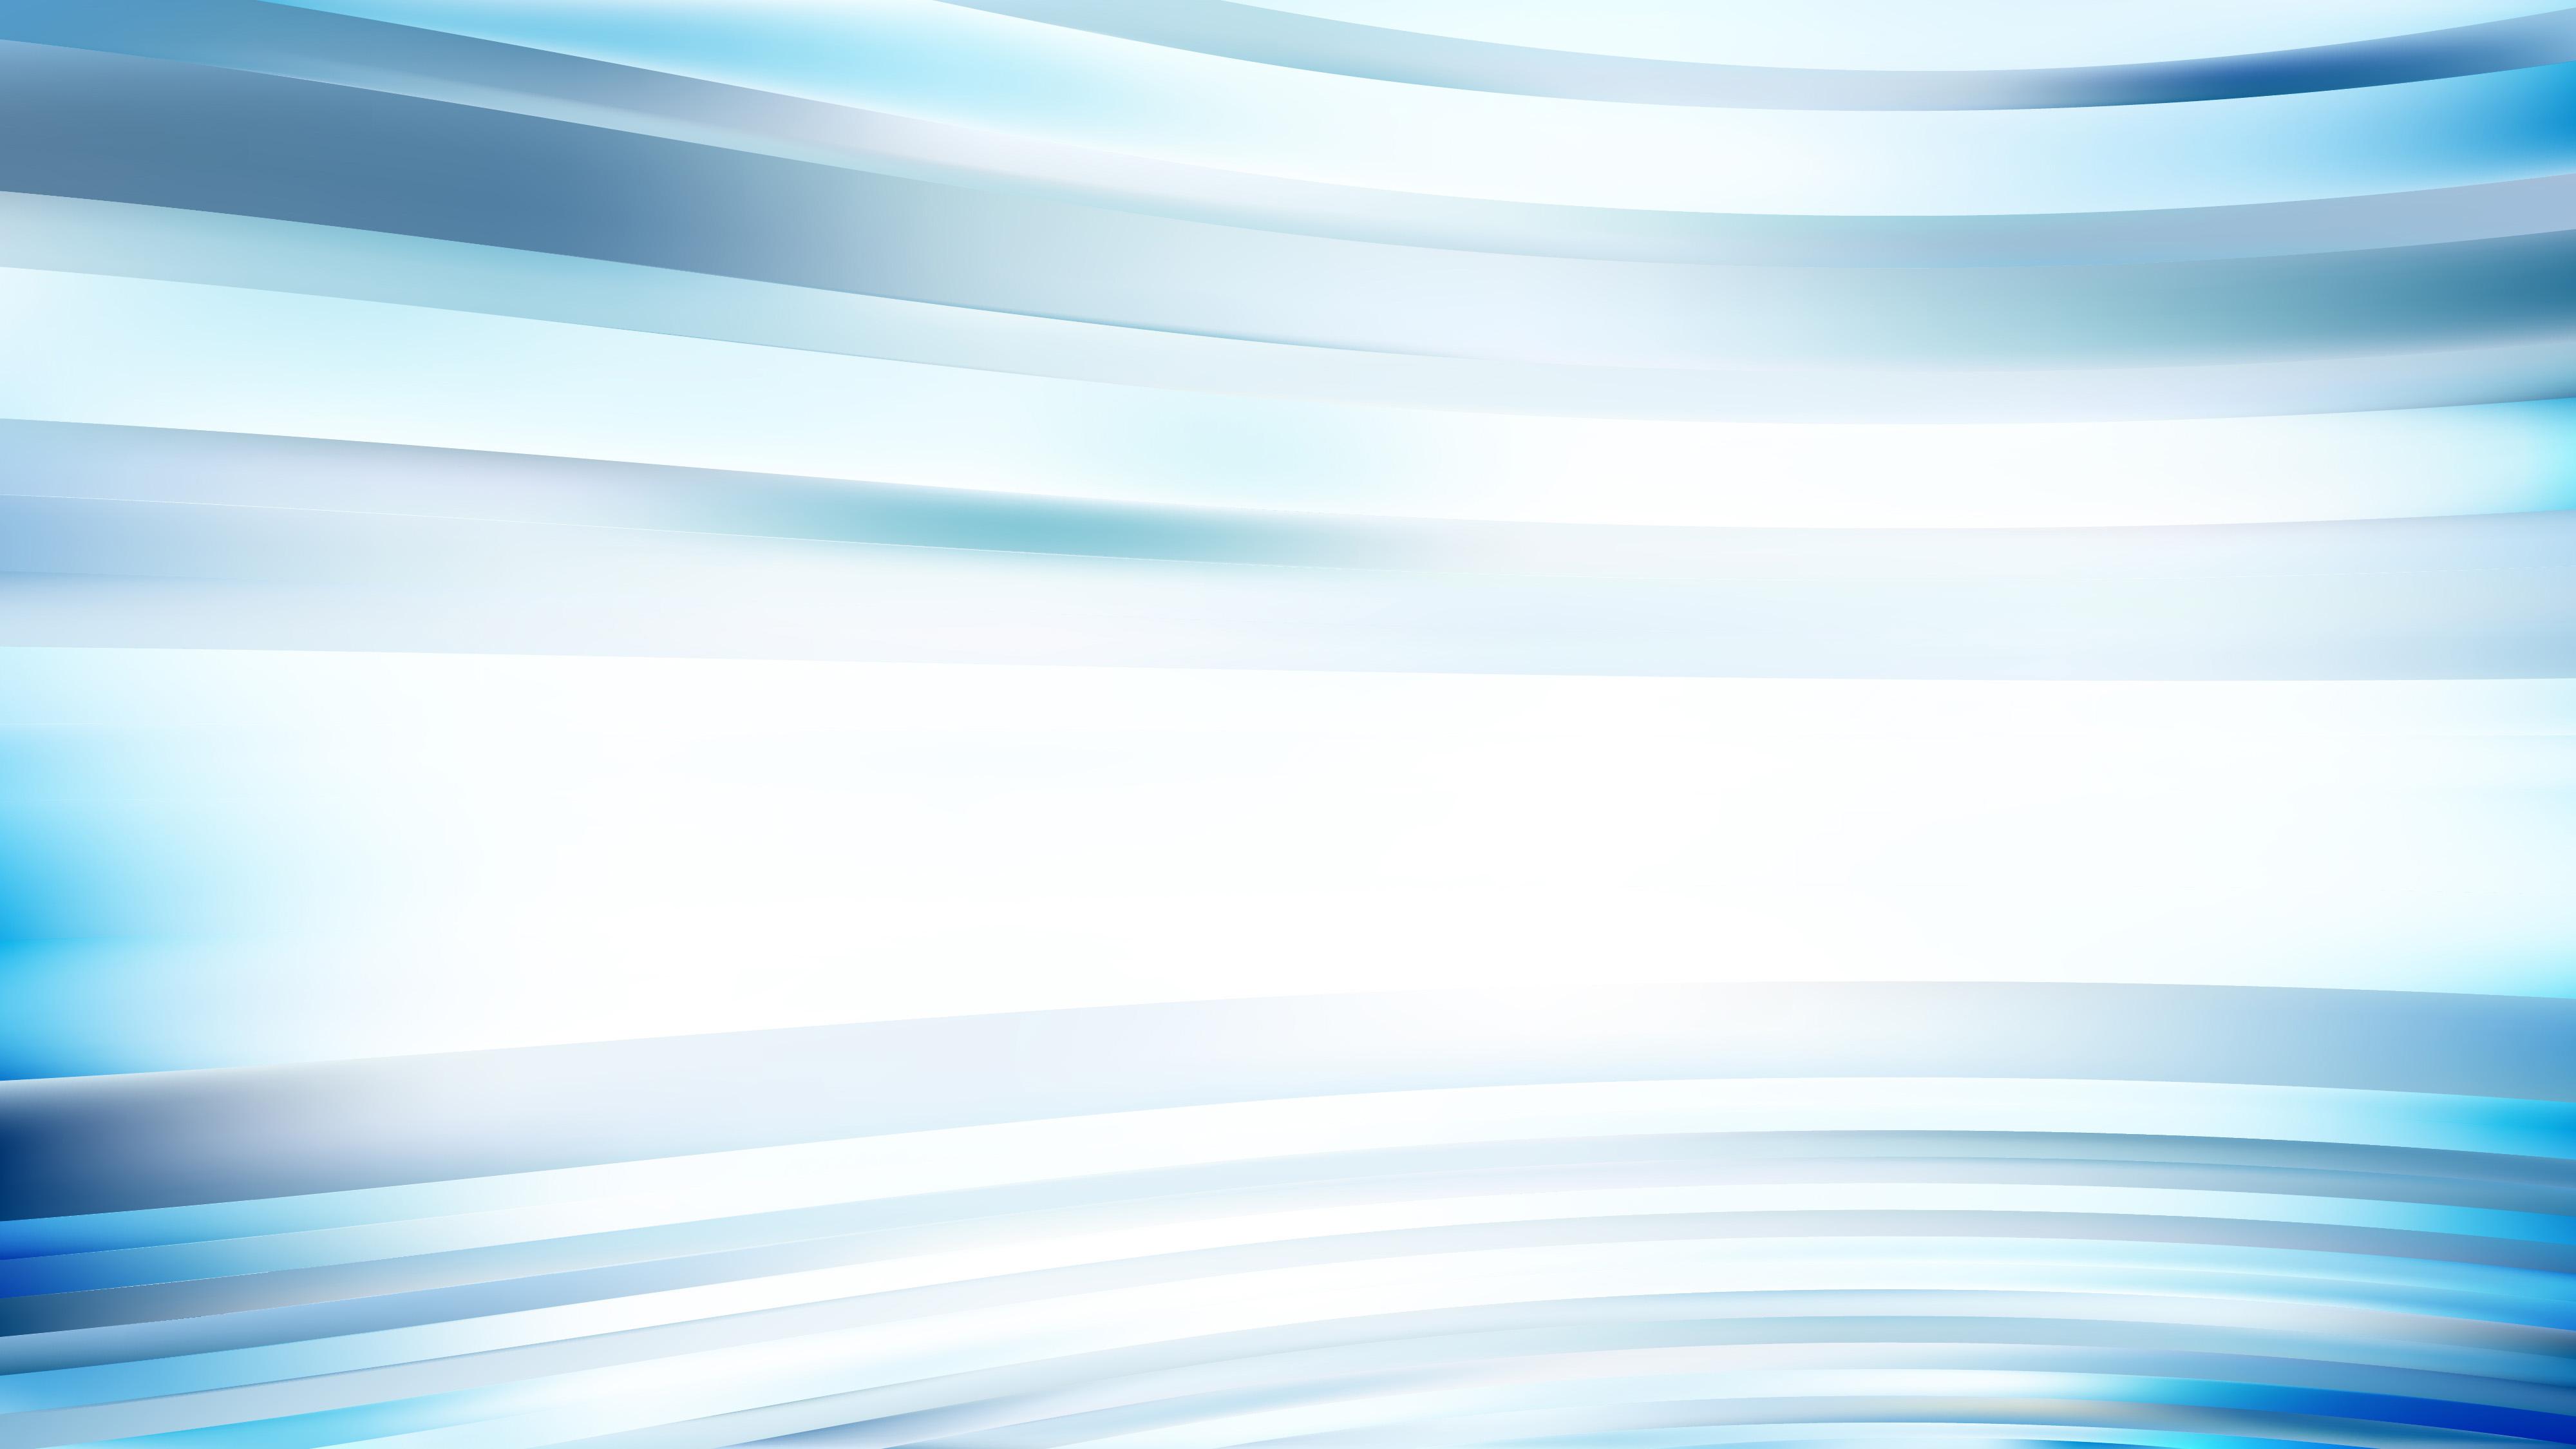 Blue Aqua Daytime – Free Background Image